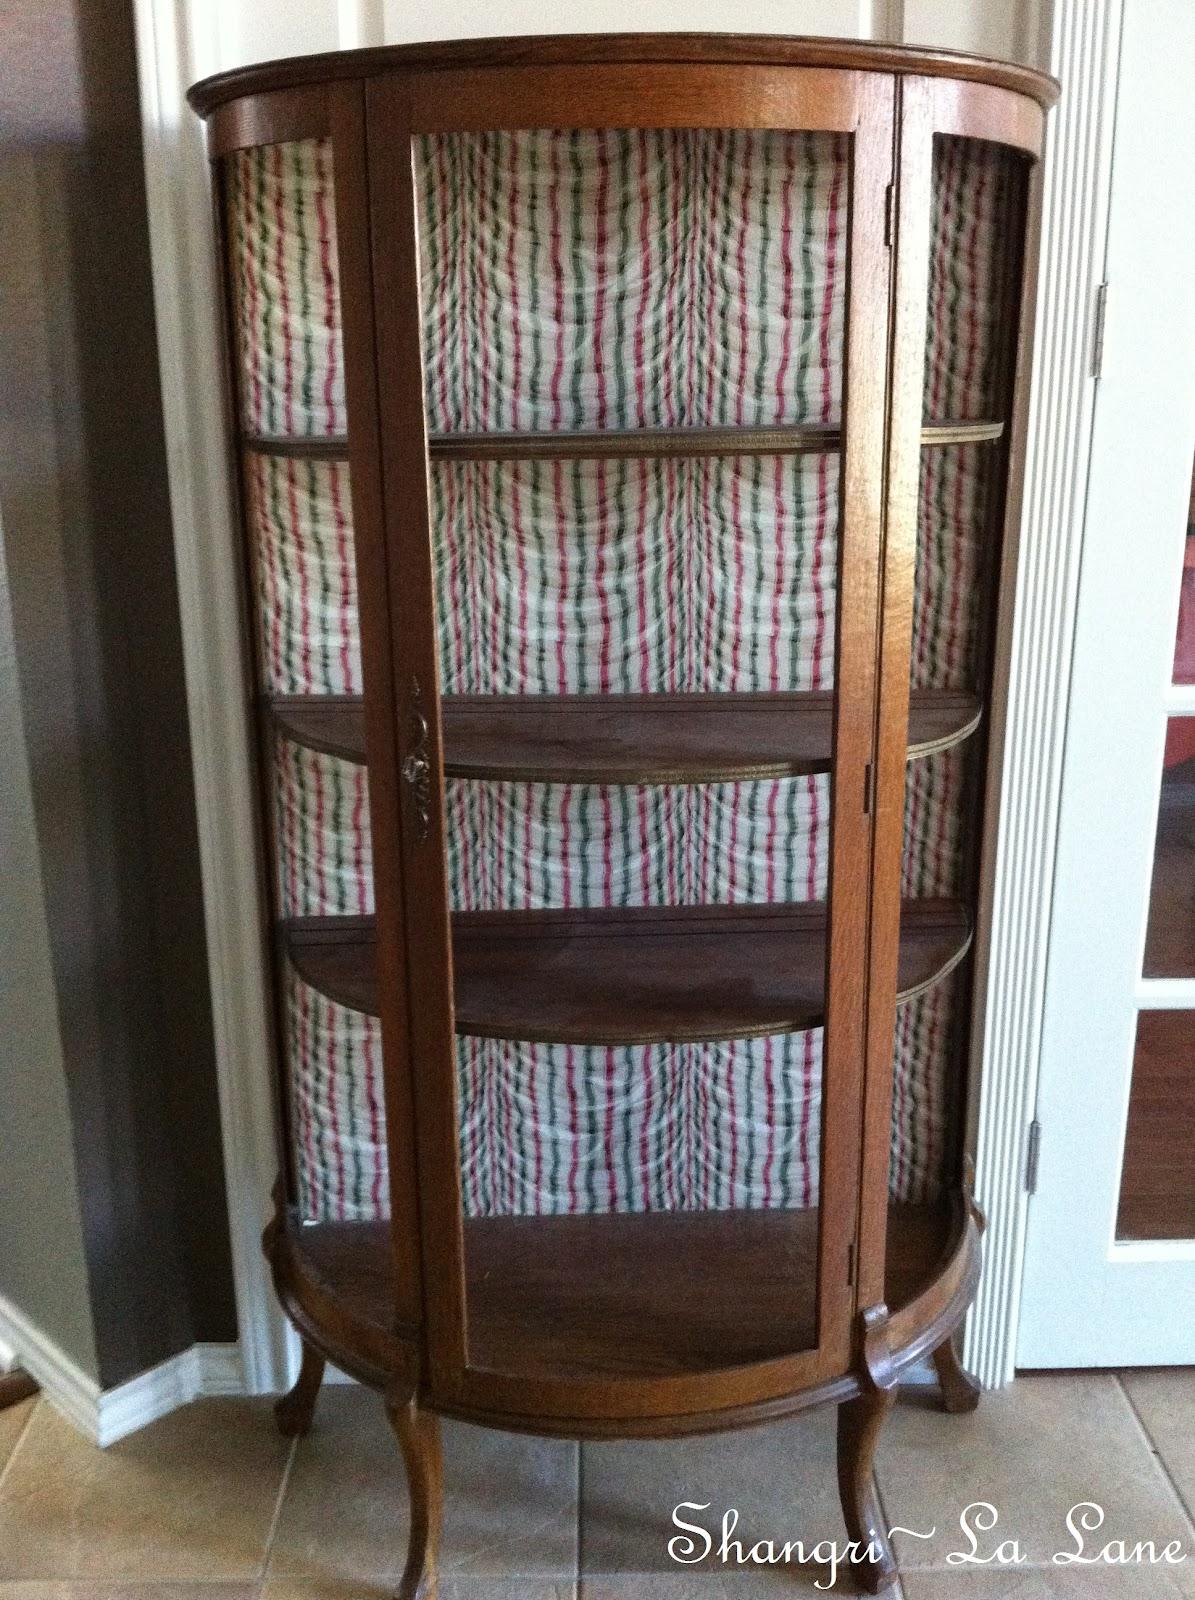 Antique Curio Cabinet - Shangri-La Lane